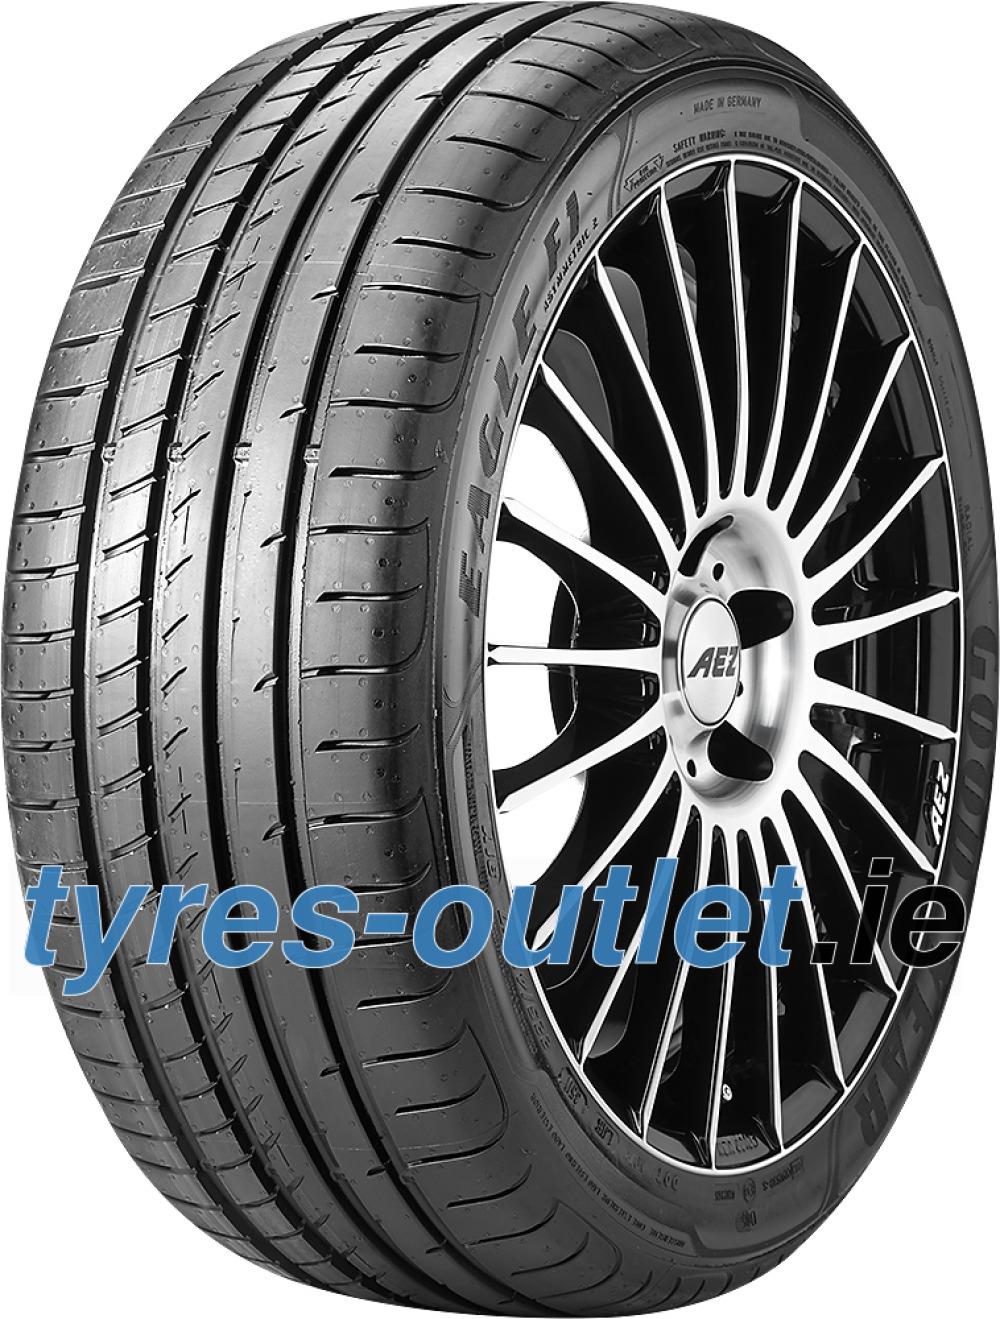 Goodyear Eagle F1 Asymmetric 2 ( 285/40 R21 109Y XL SUV, AO, with rim protection (MFS) )